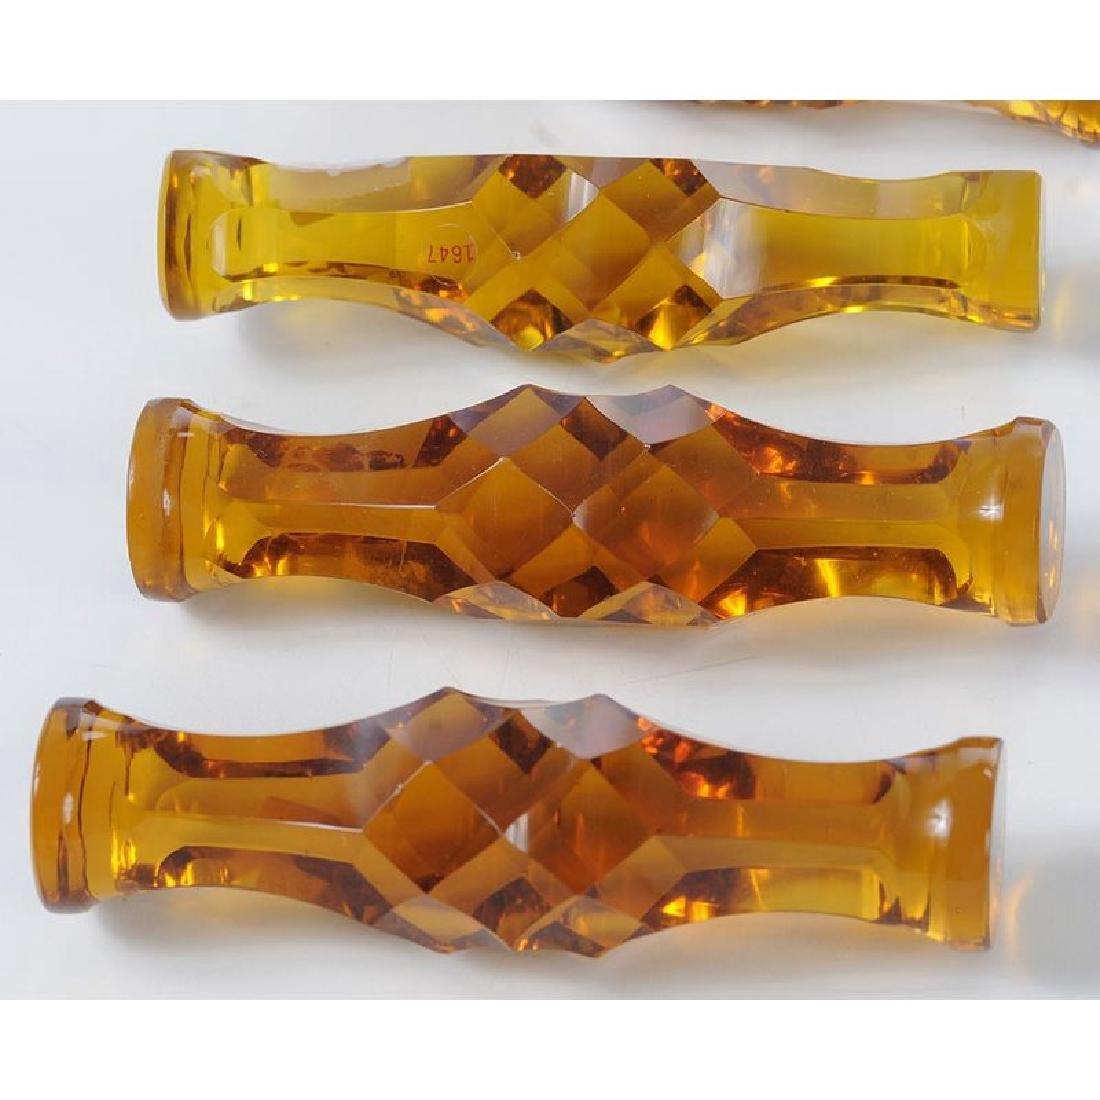 13 Amber Cut Glass Knife Rests - 3